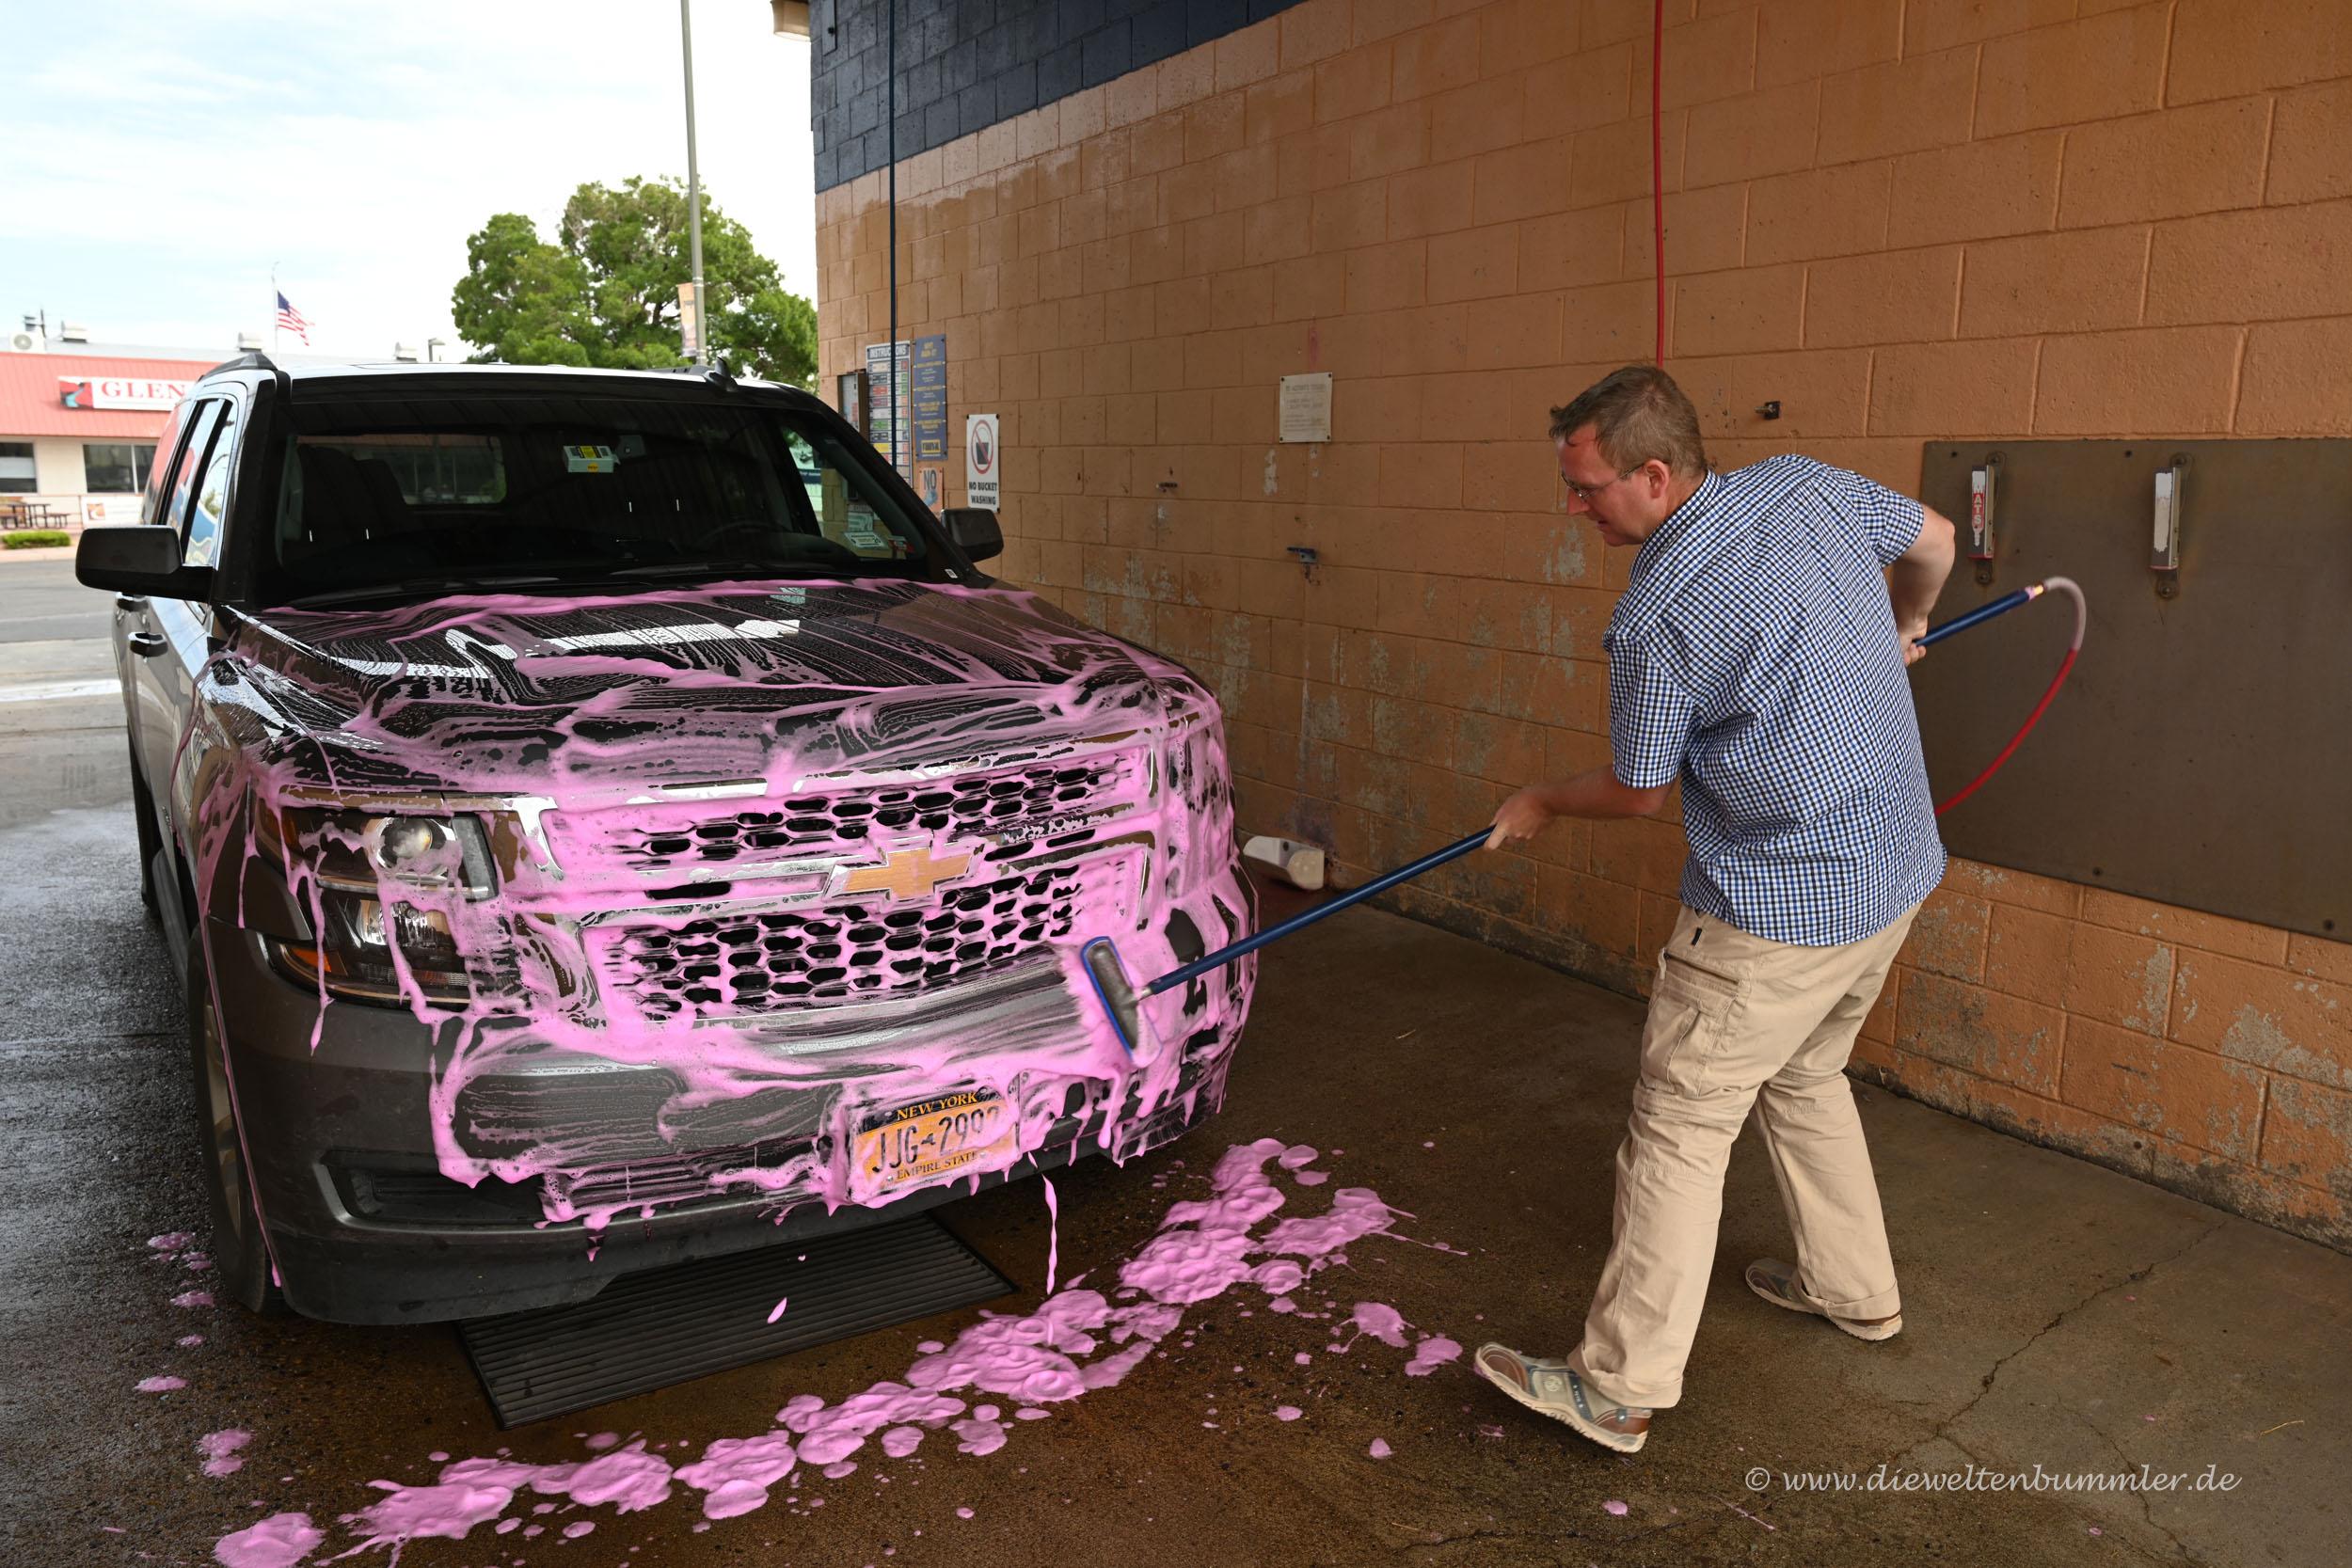 Wagenwäsche in pink